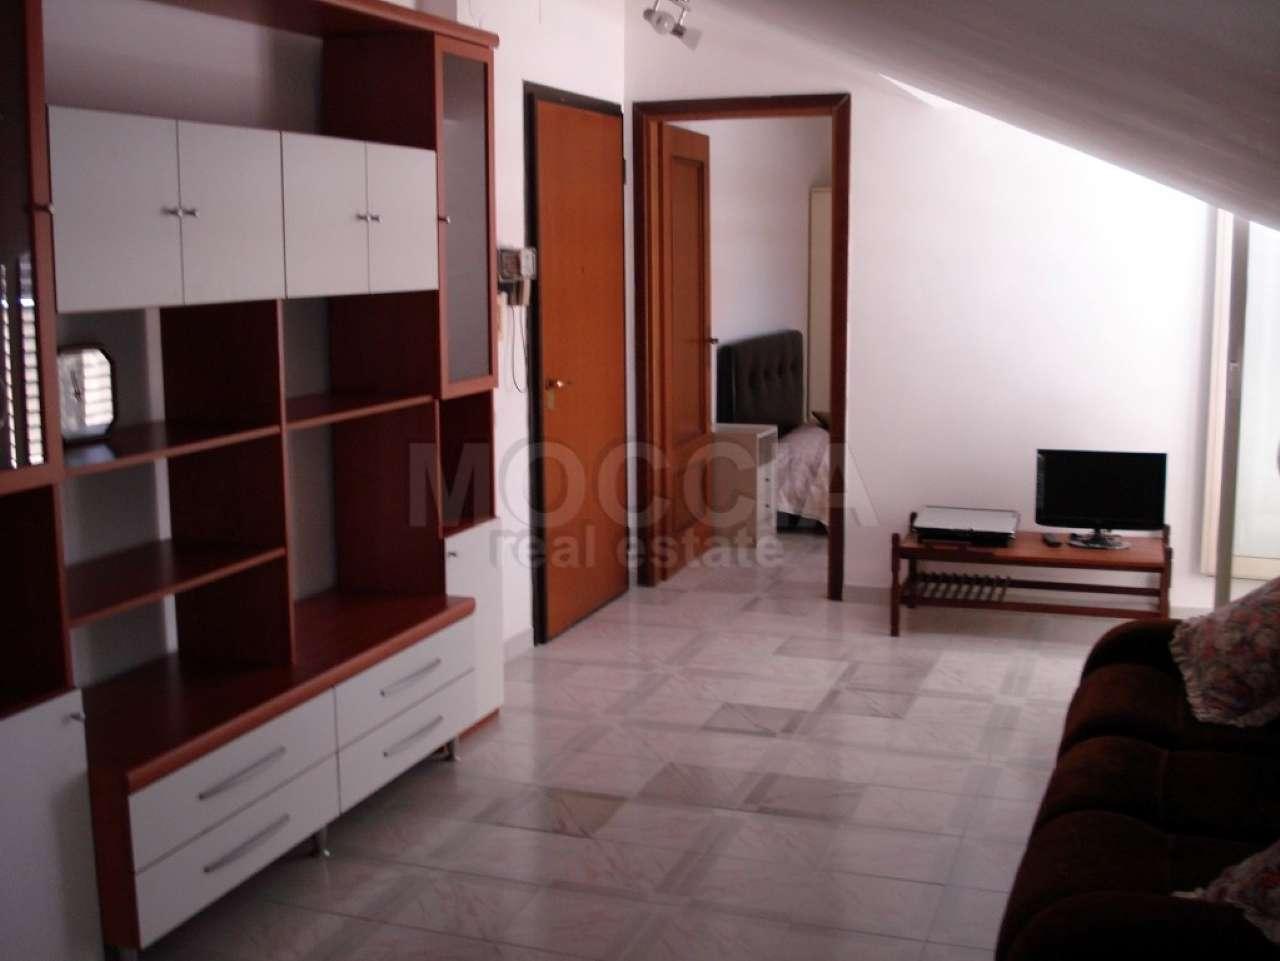 Appartamento in affitto a Caserta, 2 locali, prezzo € 350   CambioCasa.it